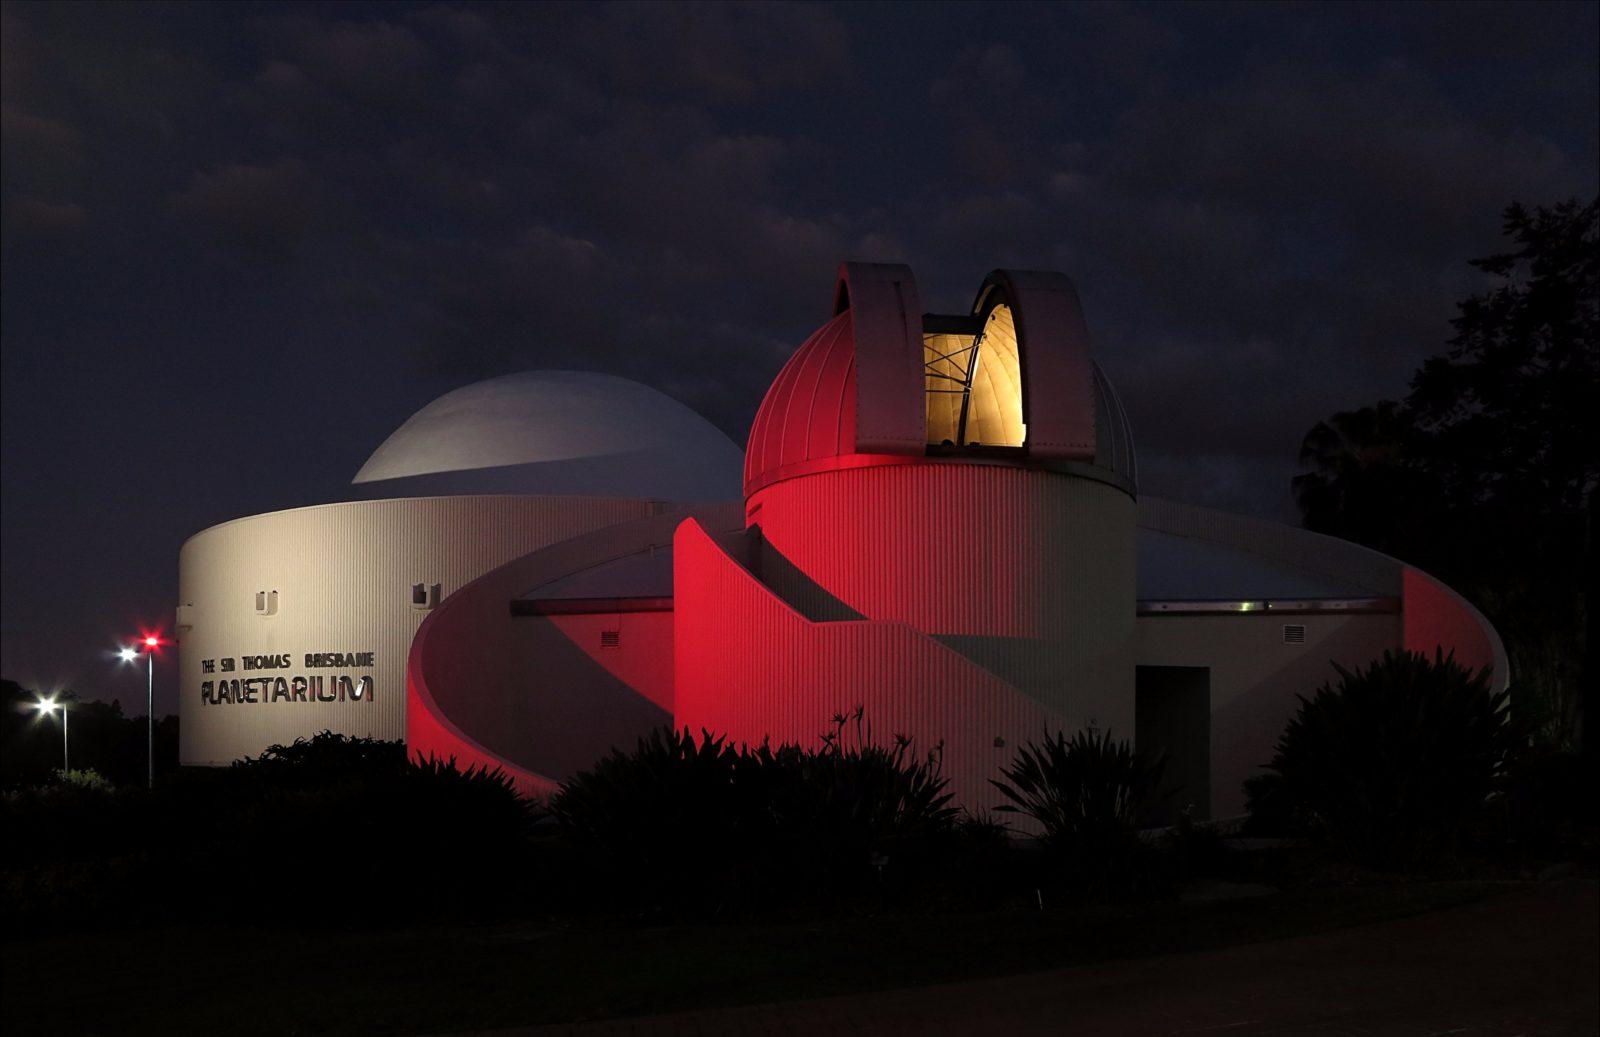 Planetarium at night